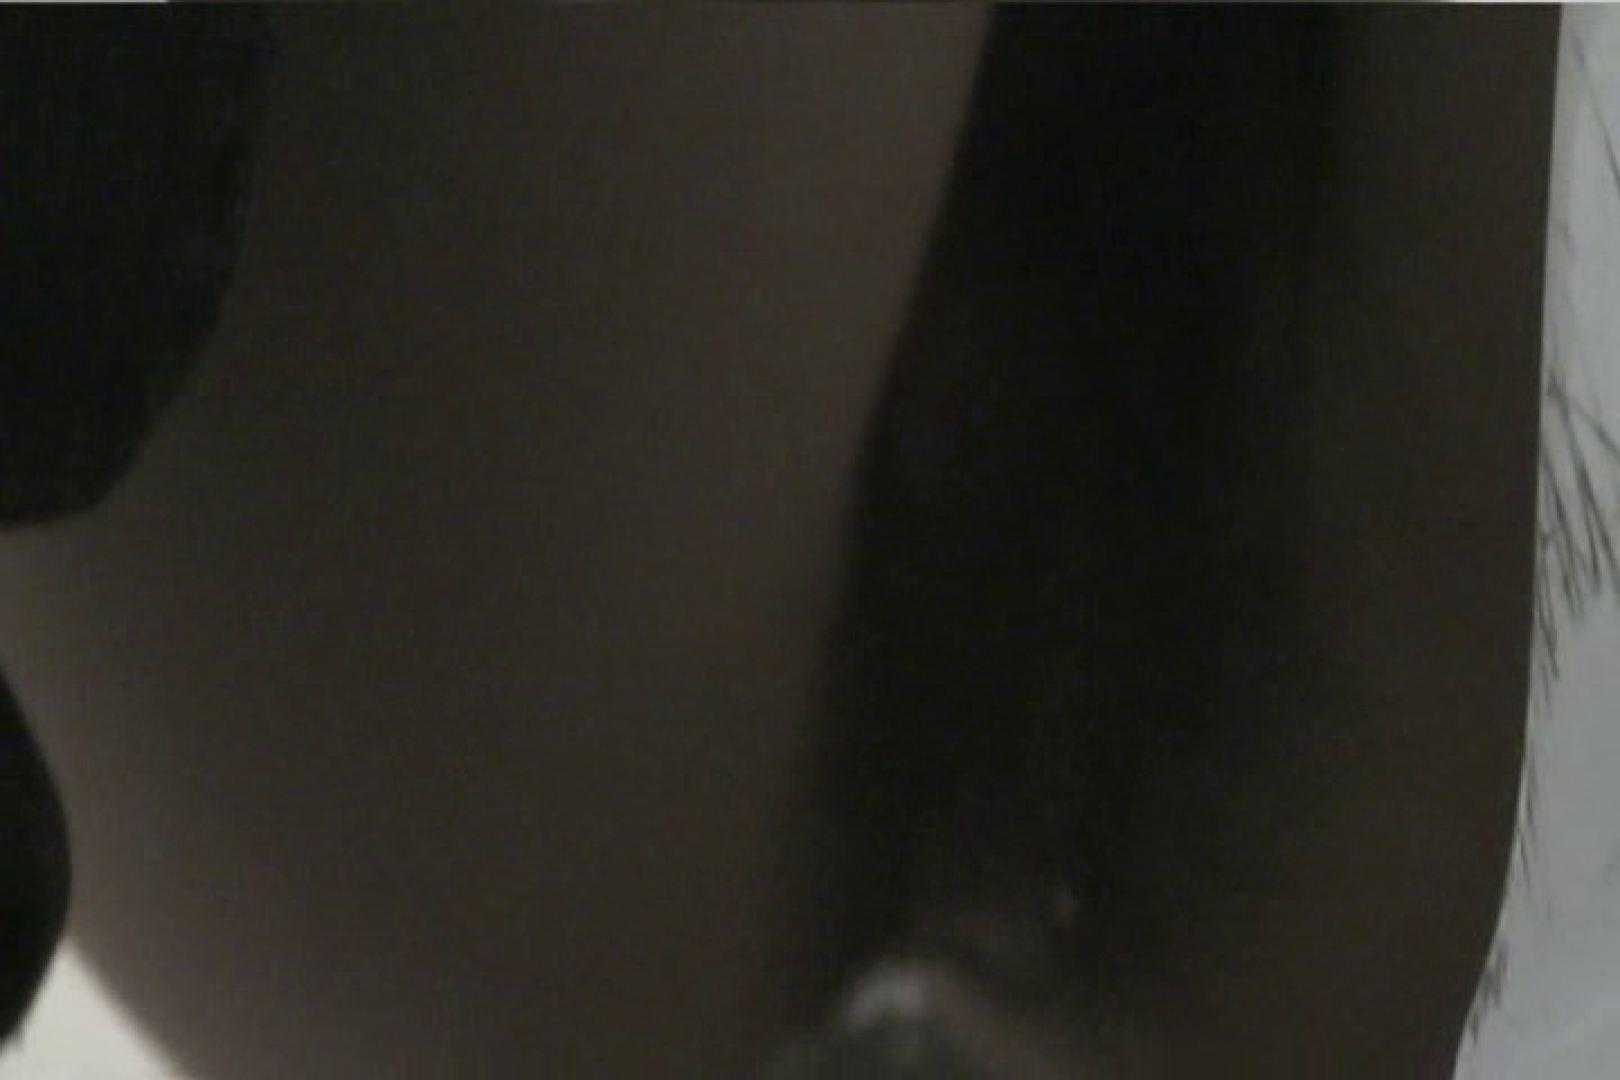 マンコ丸見え女子洗面所Vol.20 OLエロ画像 | 洗面所  95PICs 1